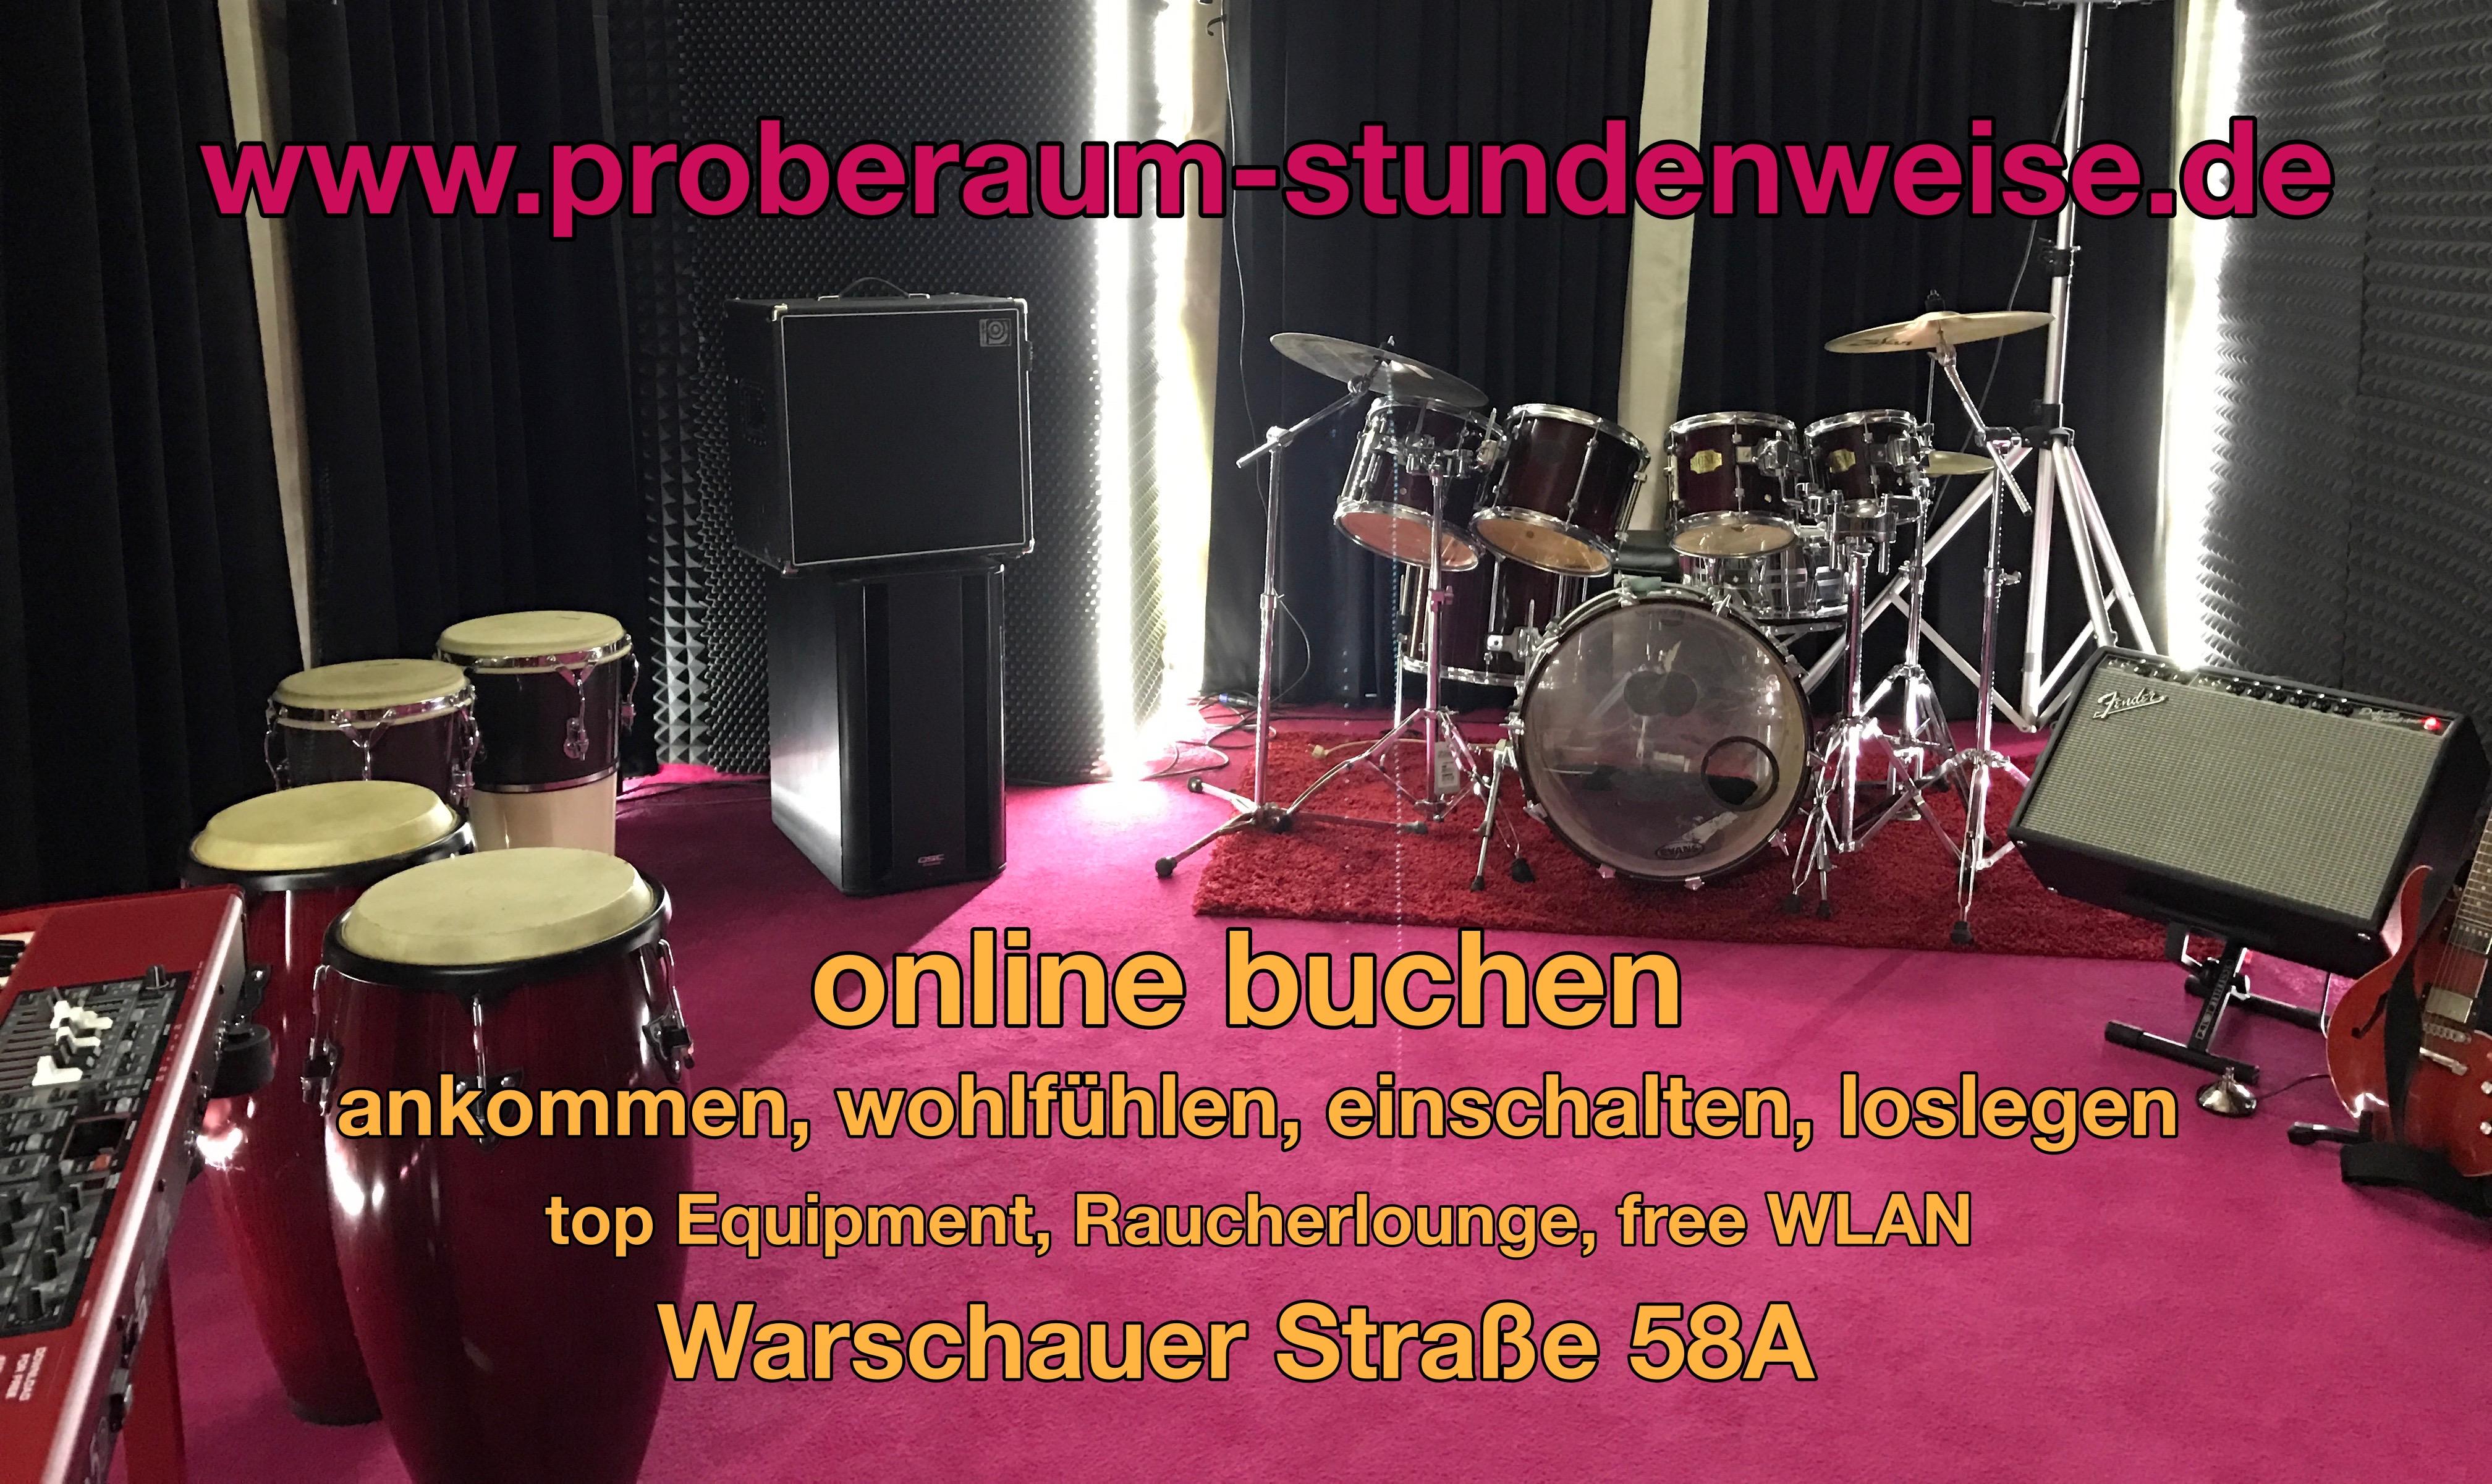 Proberaum-stundenweise.de